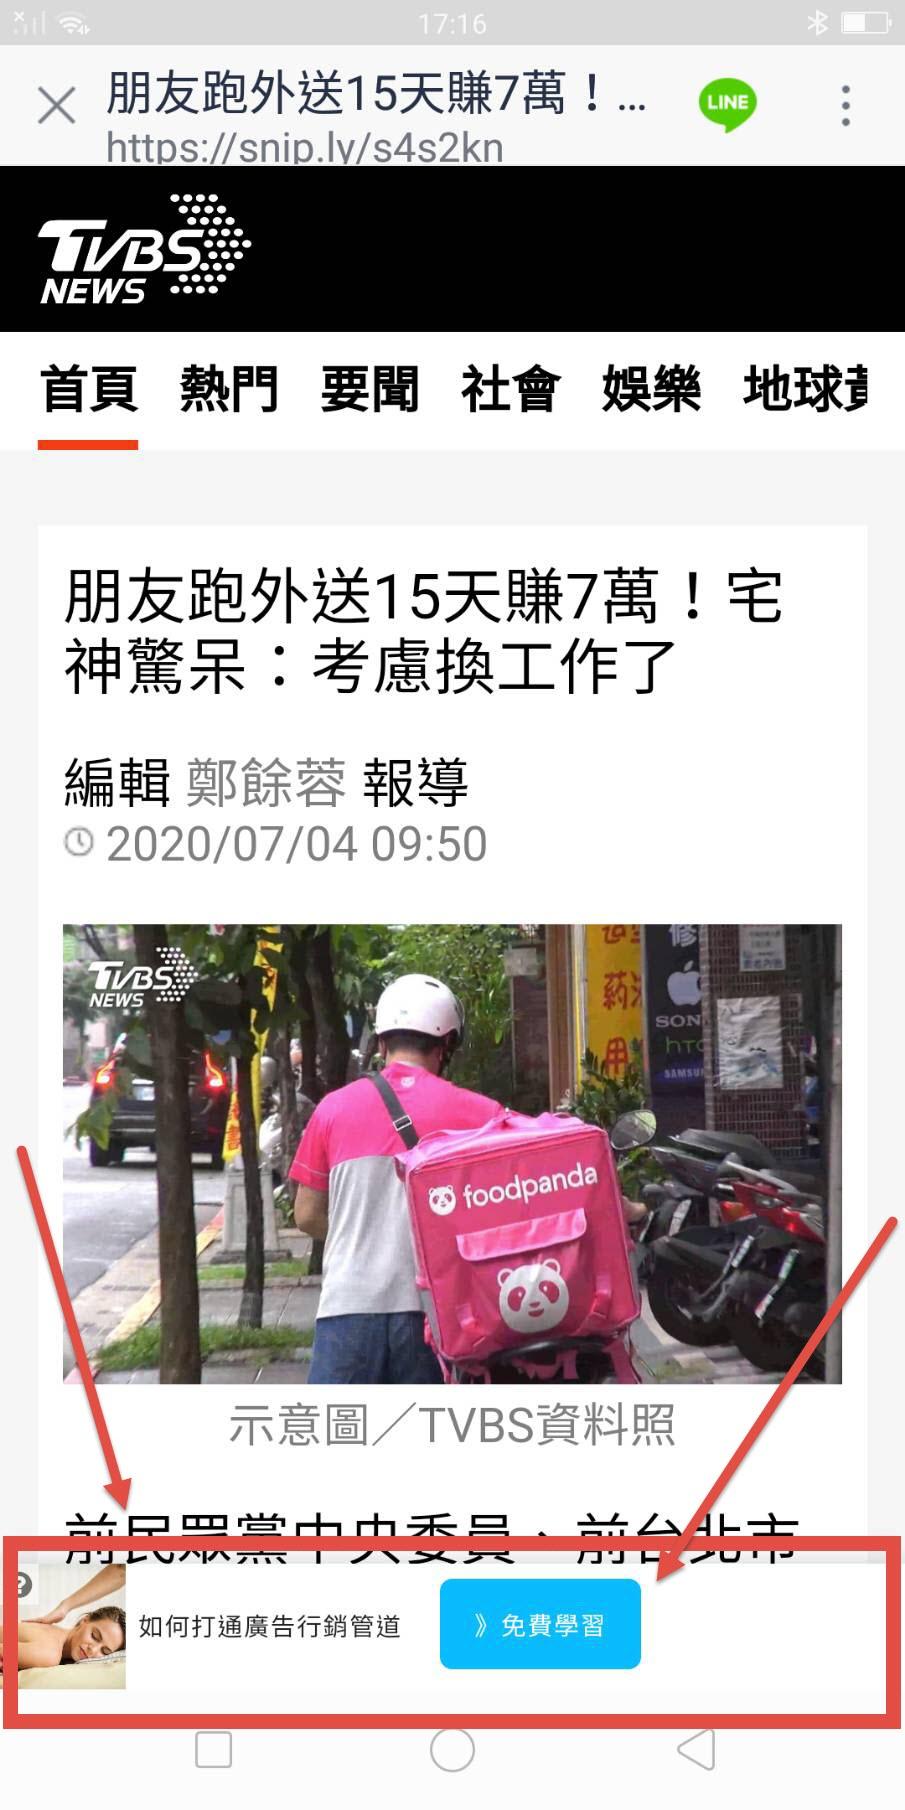 91廣告框02.1 手機版範例- TVBS新聞網 04627017